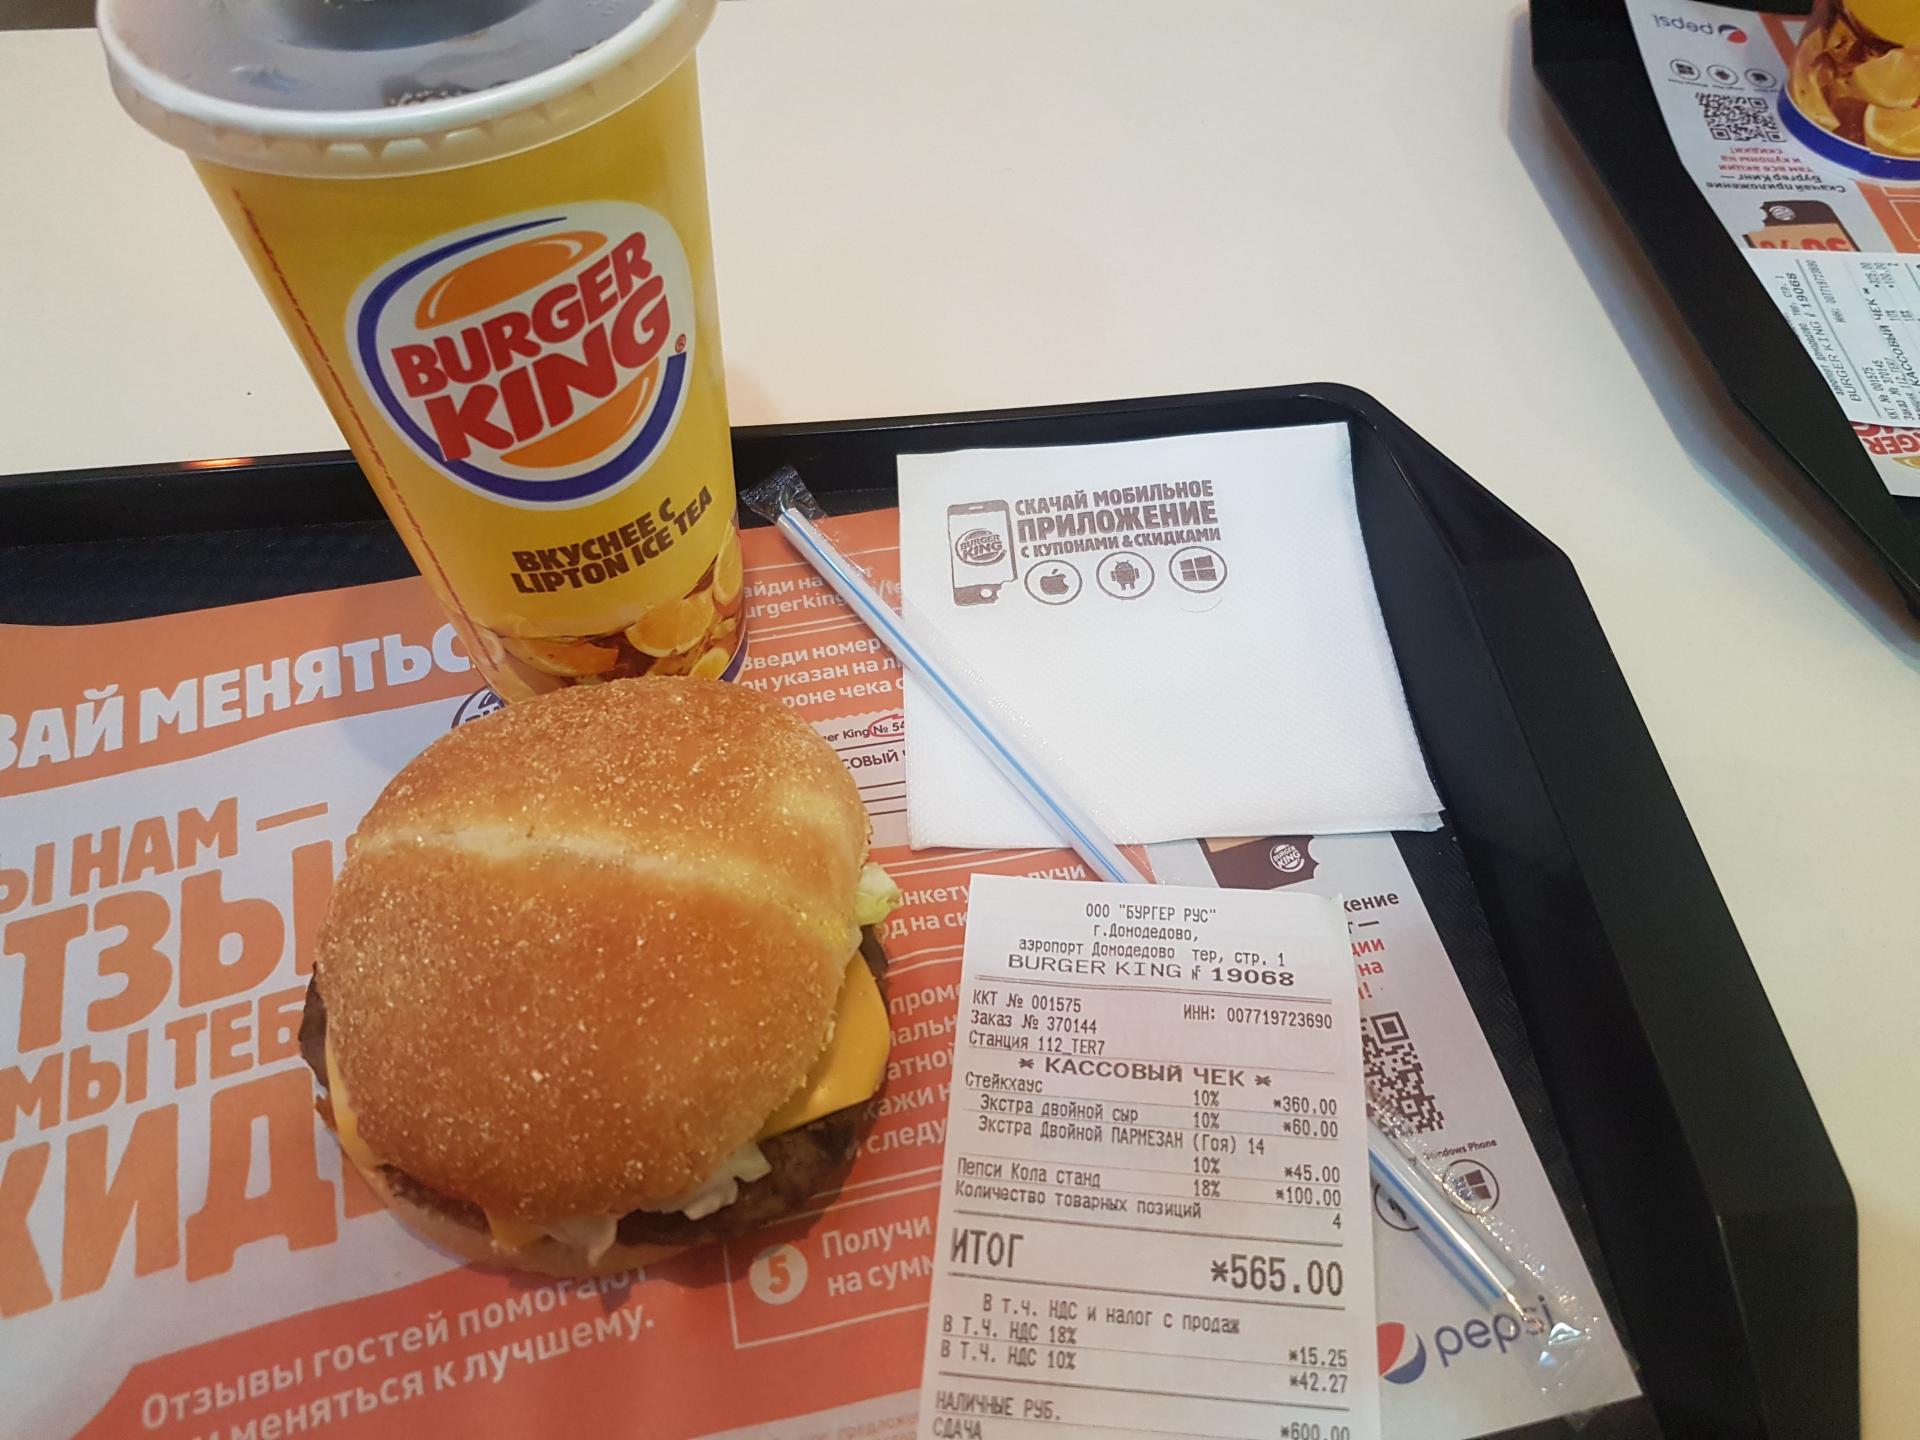 гамбургер и кола